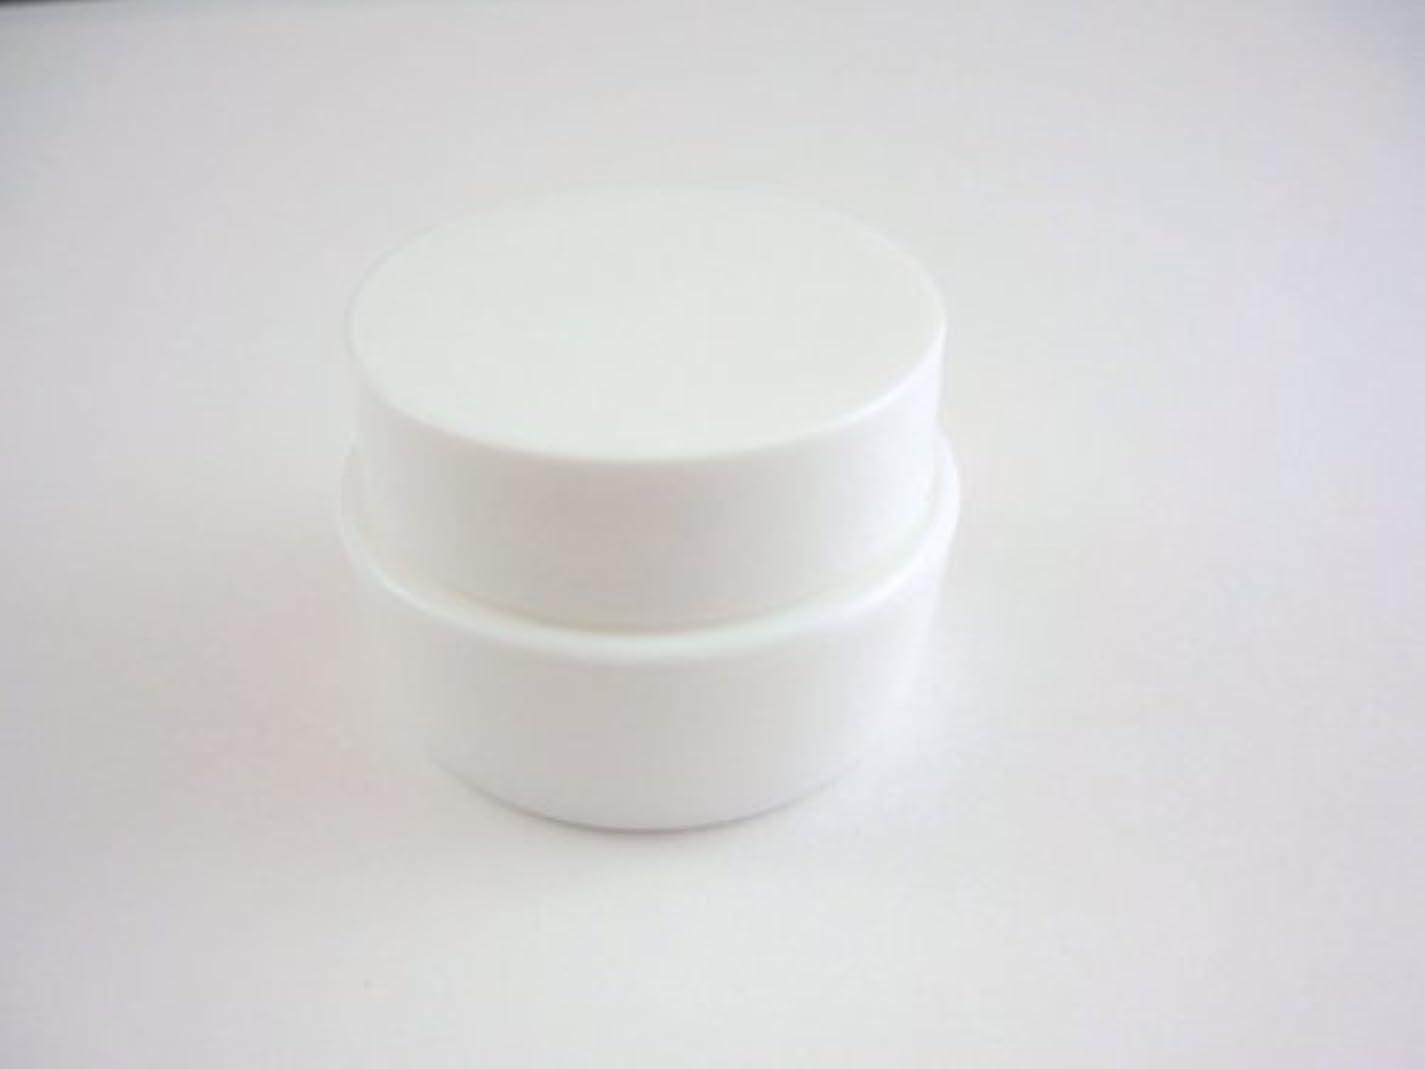 着飾るランチョン出発するジェル空容器 3ml   ホワイト 10個セット